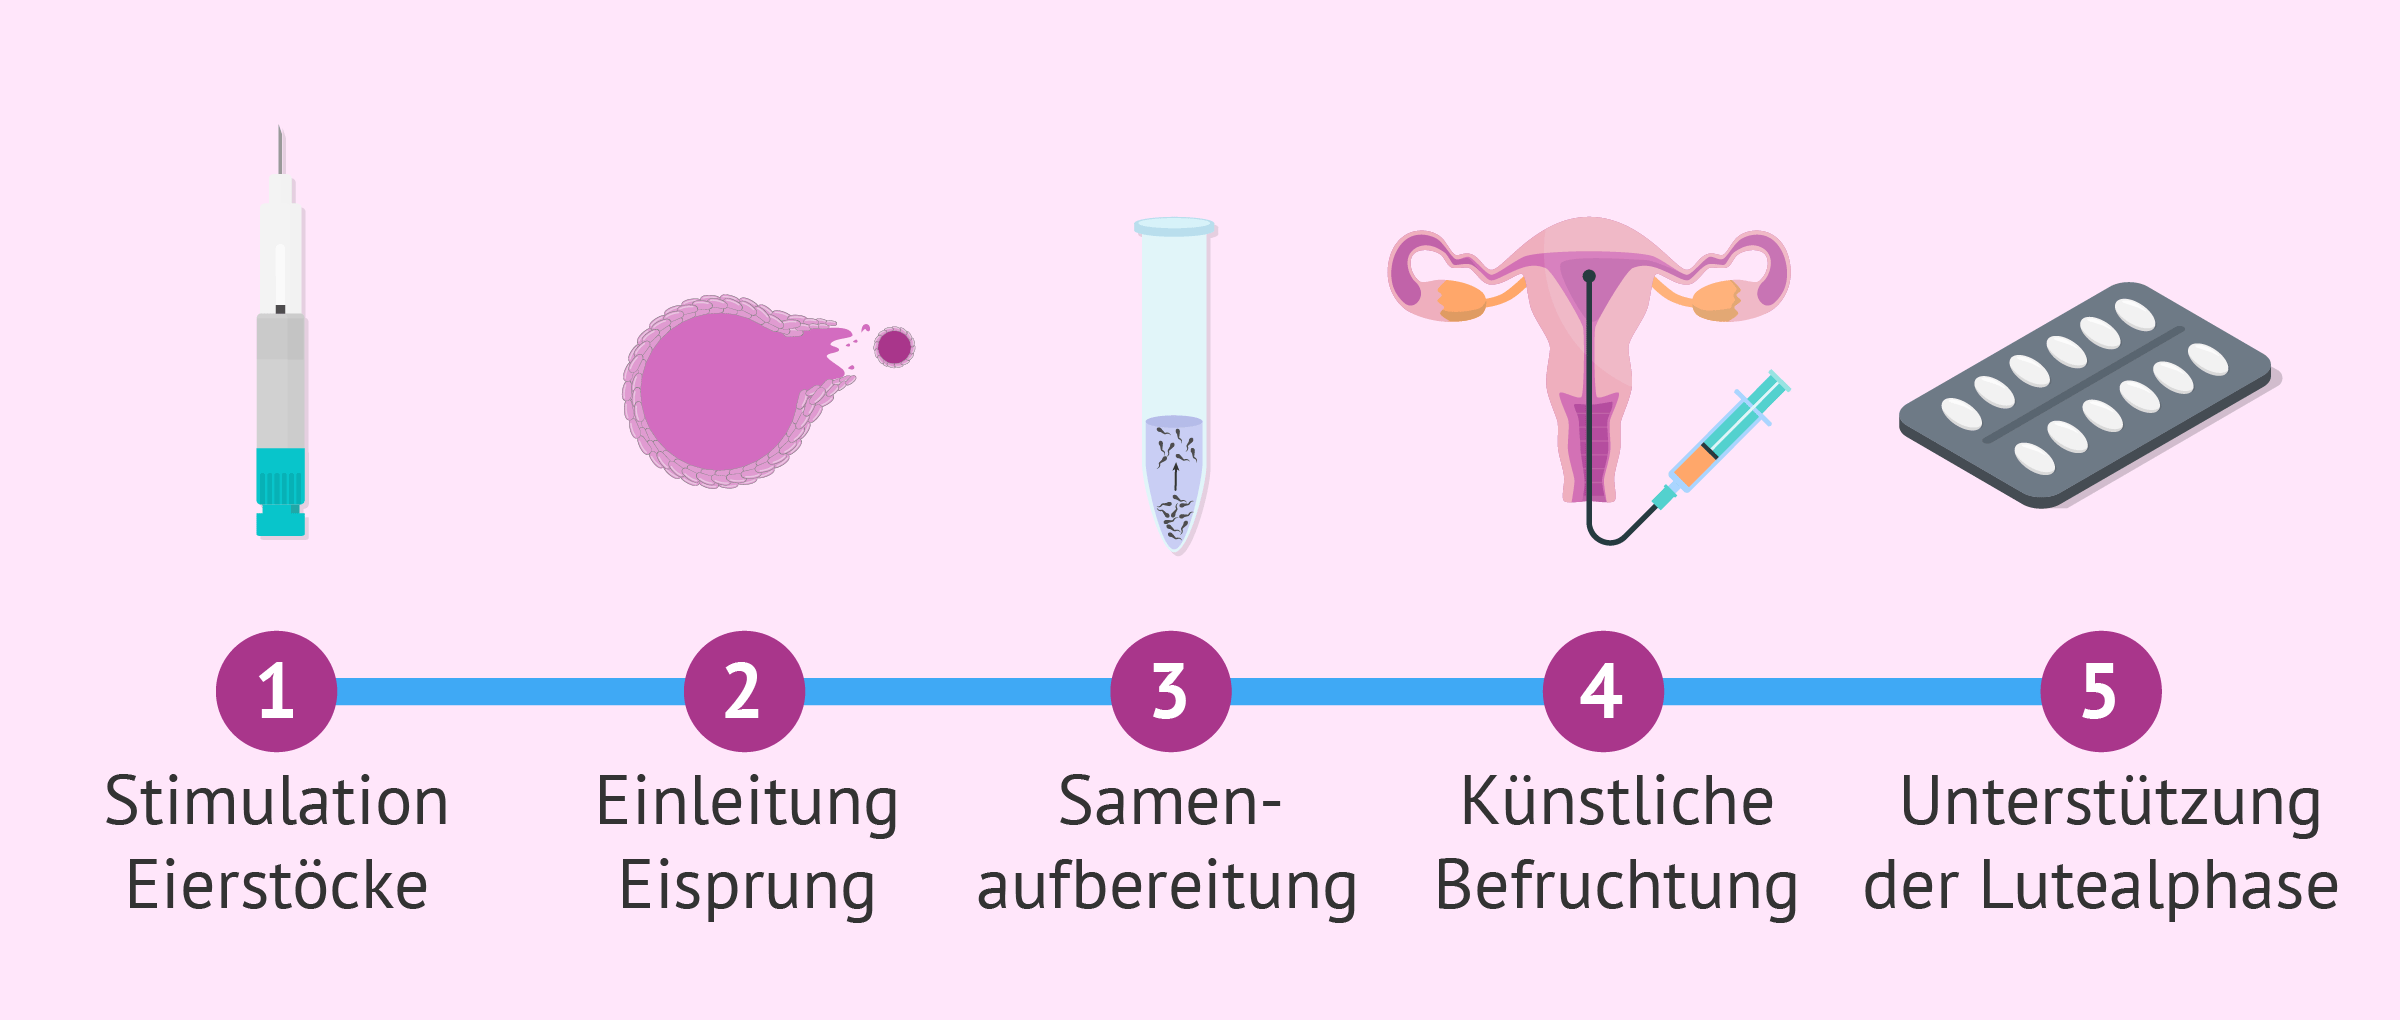 Die künstliche Befruchtung